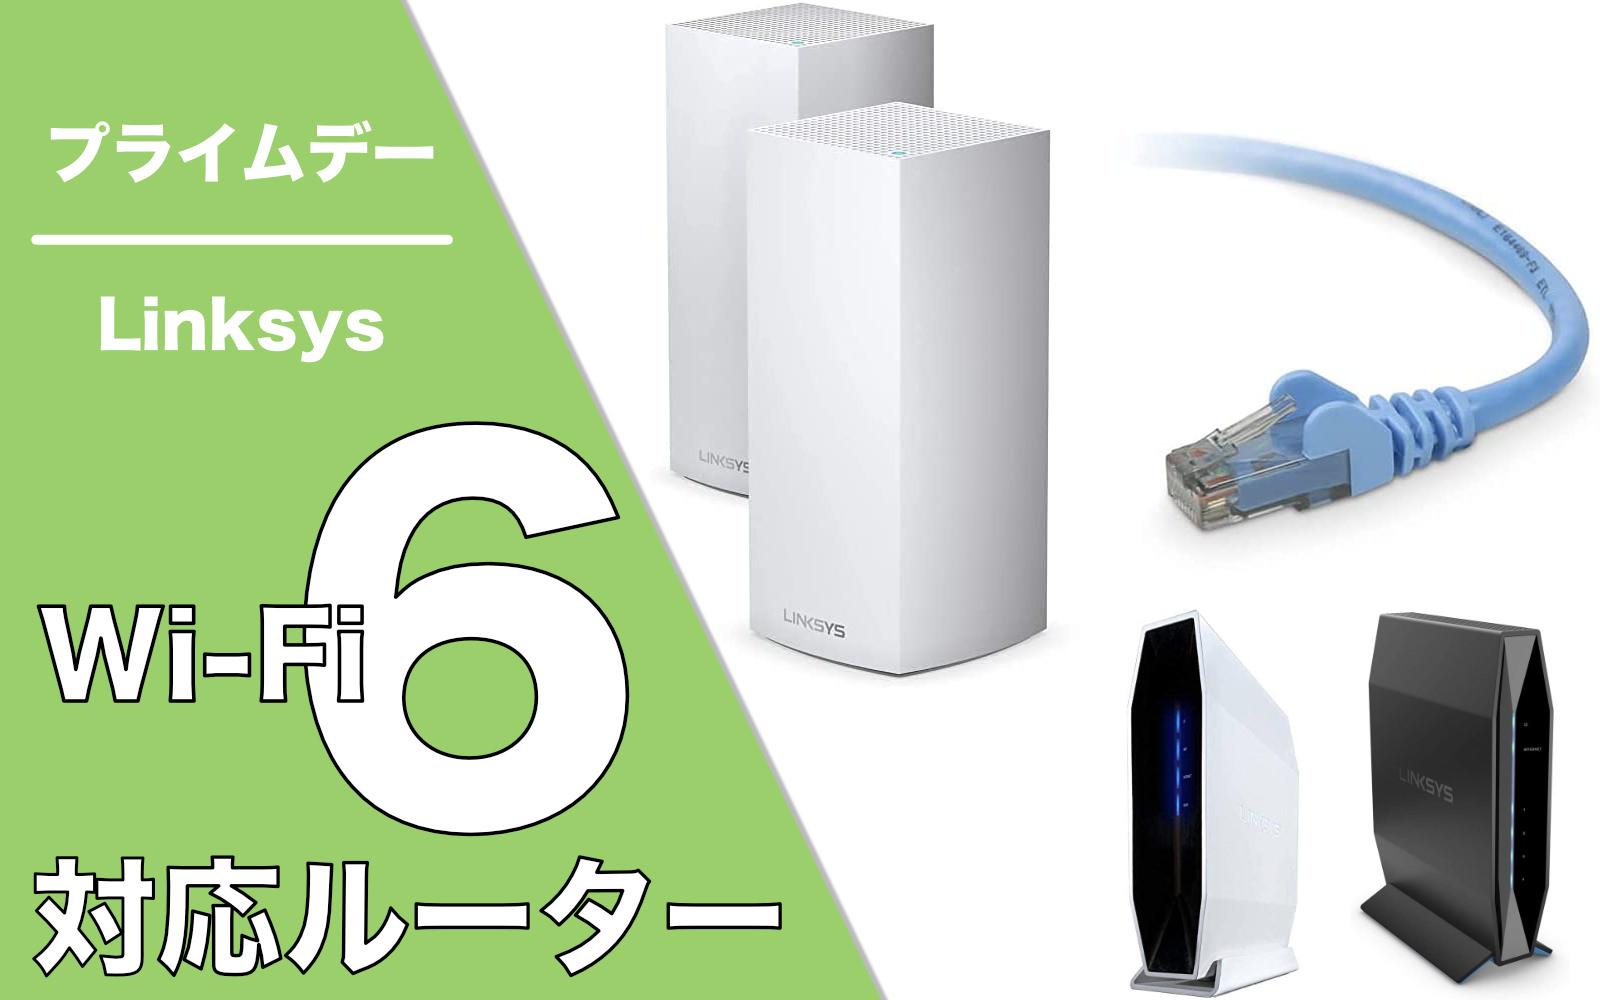 Belkin Linksys WiFI6 Sale